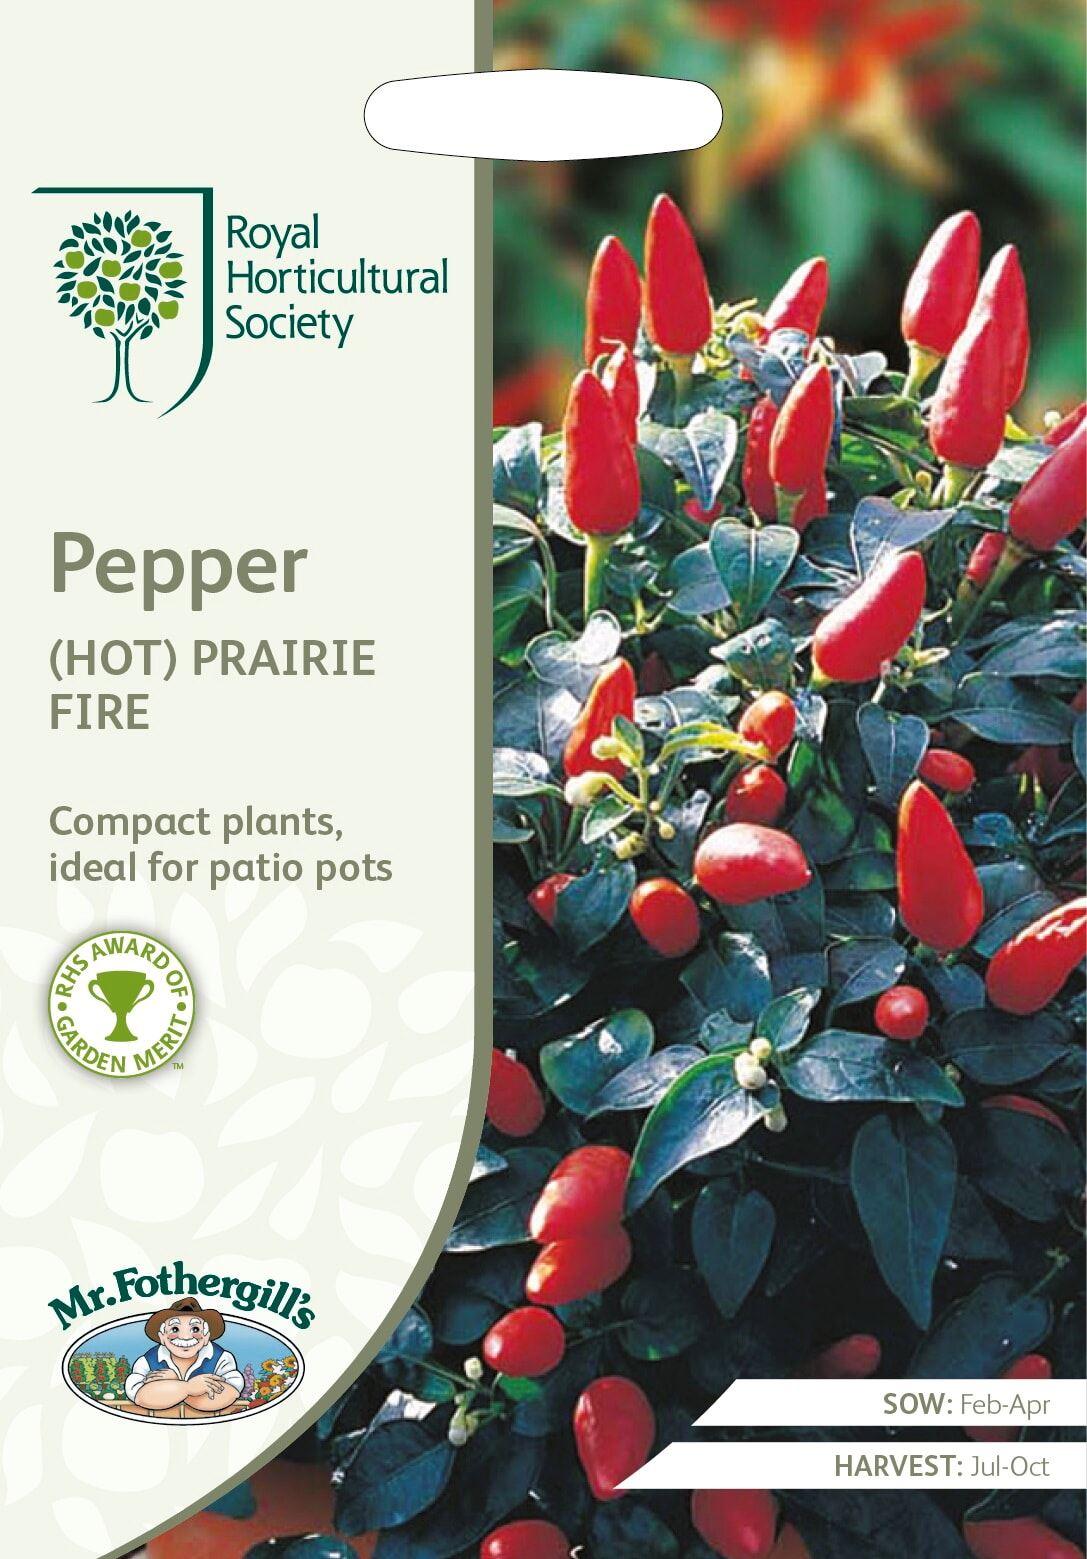 RHS Pepper (Hot) Prairie Fire